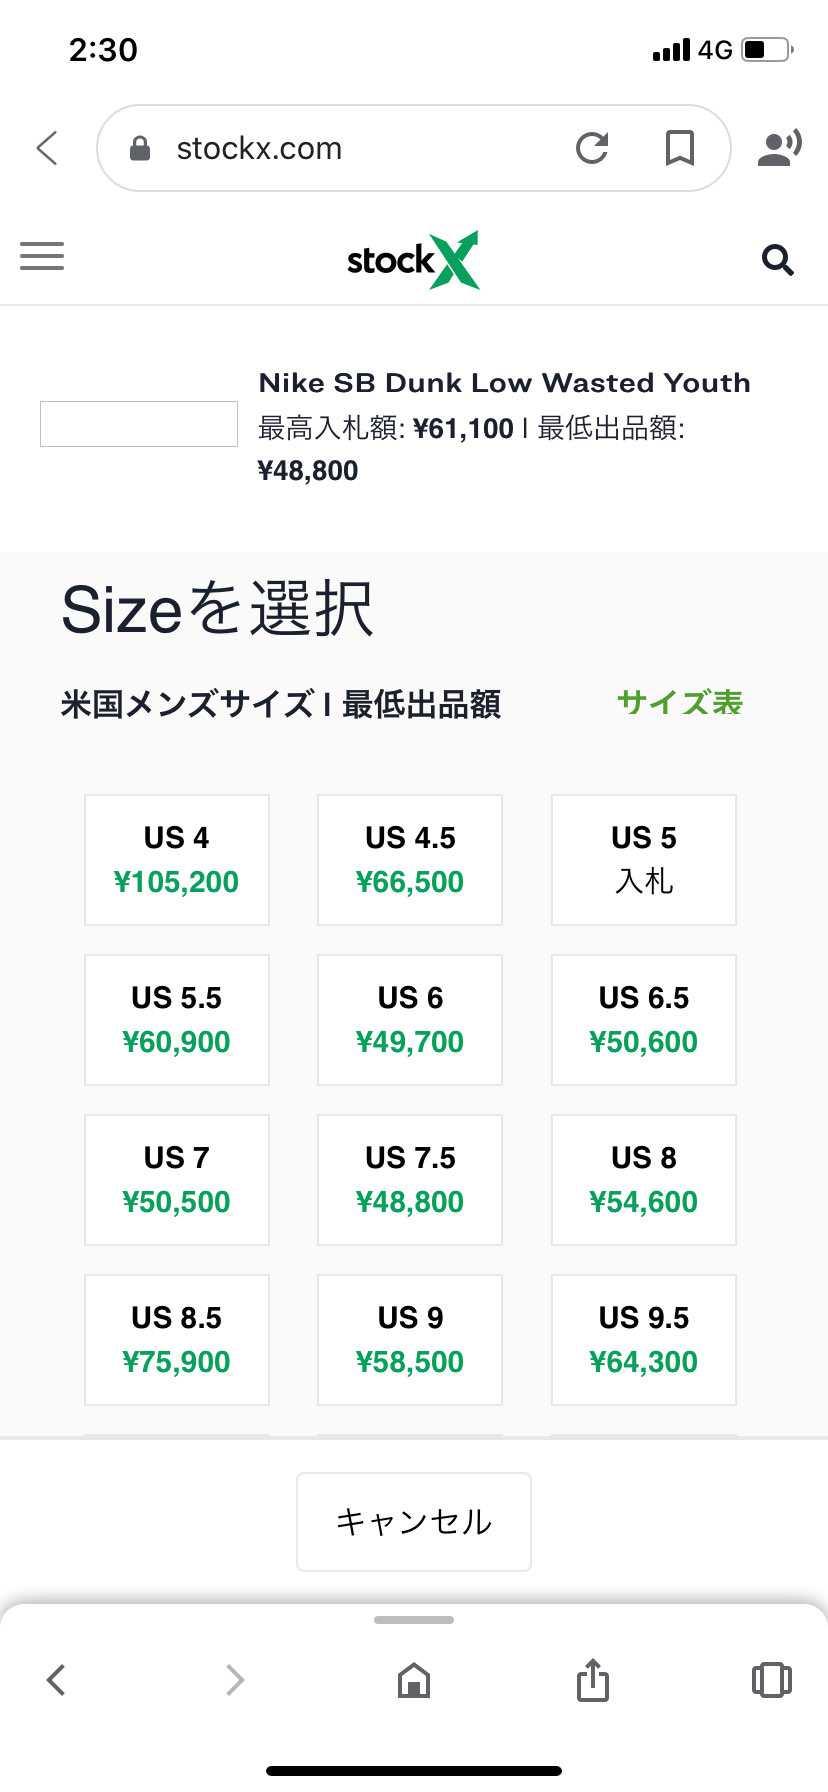 今後、Stock Xで値段は上がると思いますか? 海外のSNKRS出てると安く